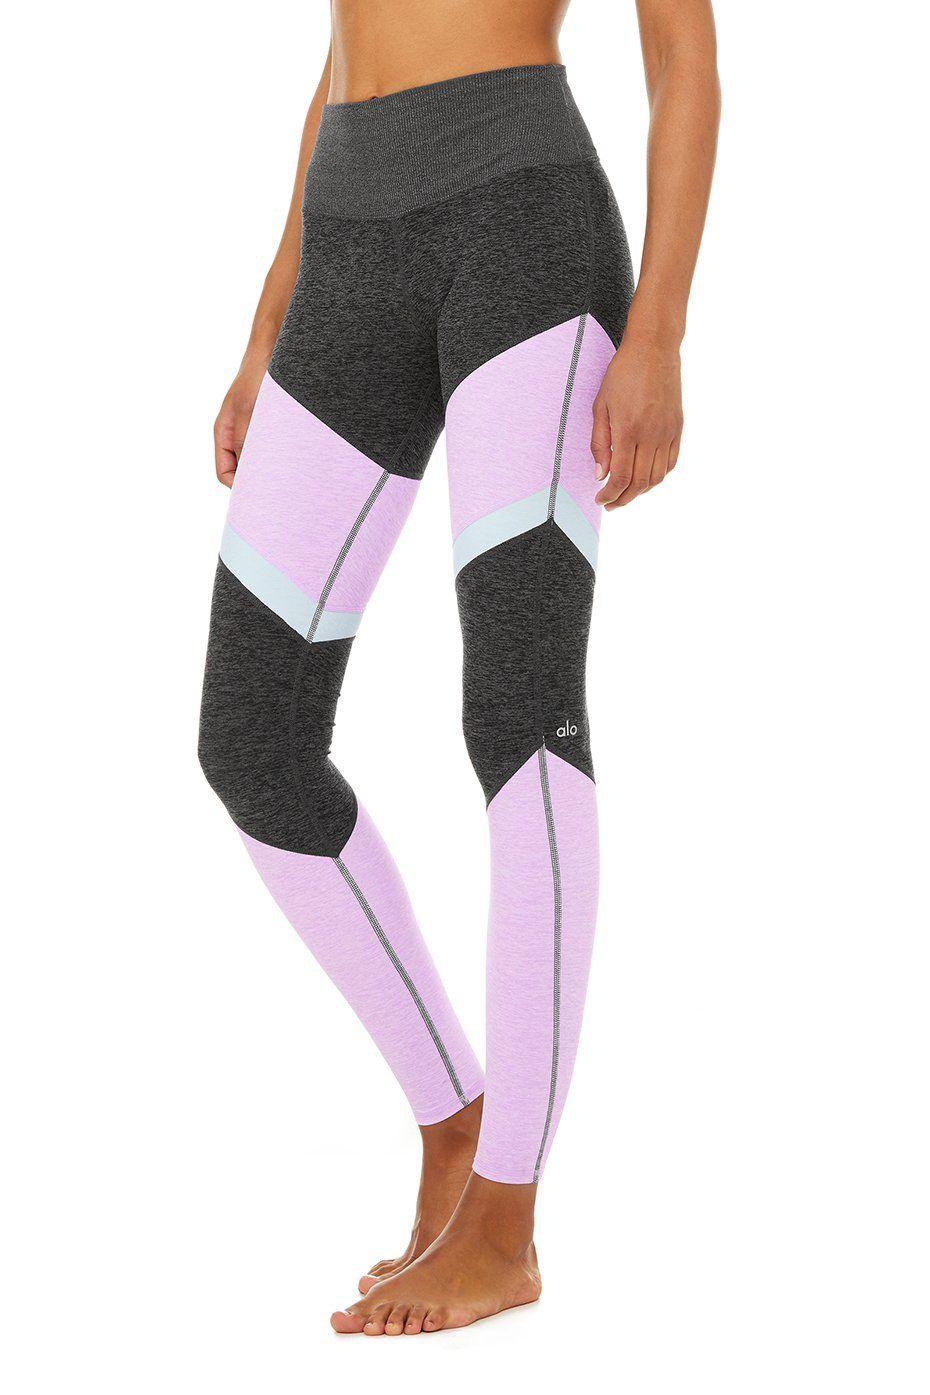 eb0ef8b2c4a61 High-Waist Alosoft Sheila Legging in 2019   Clothing   4 way stretch ...